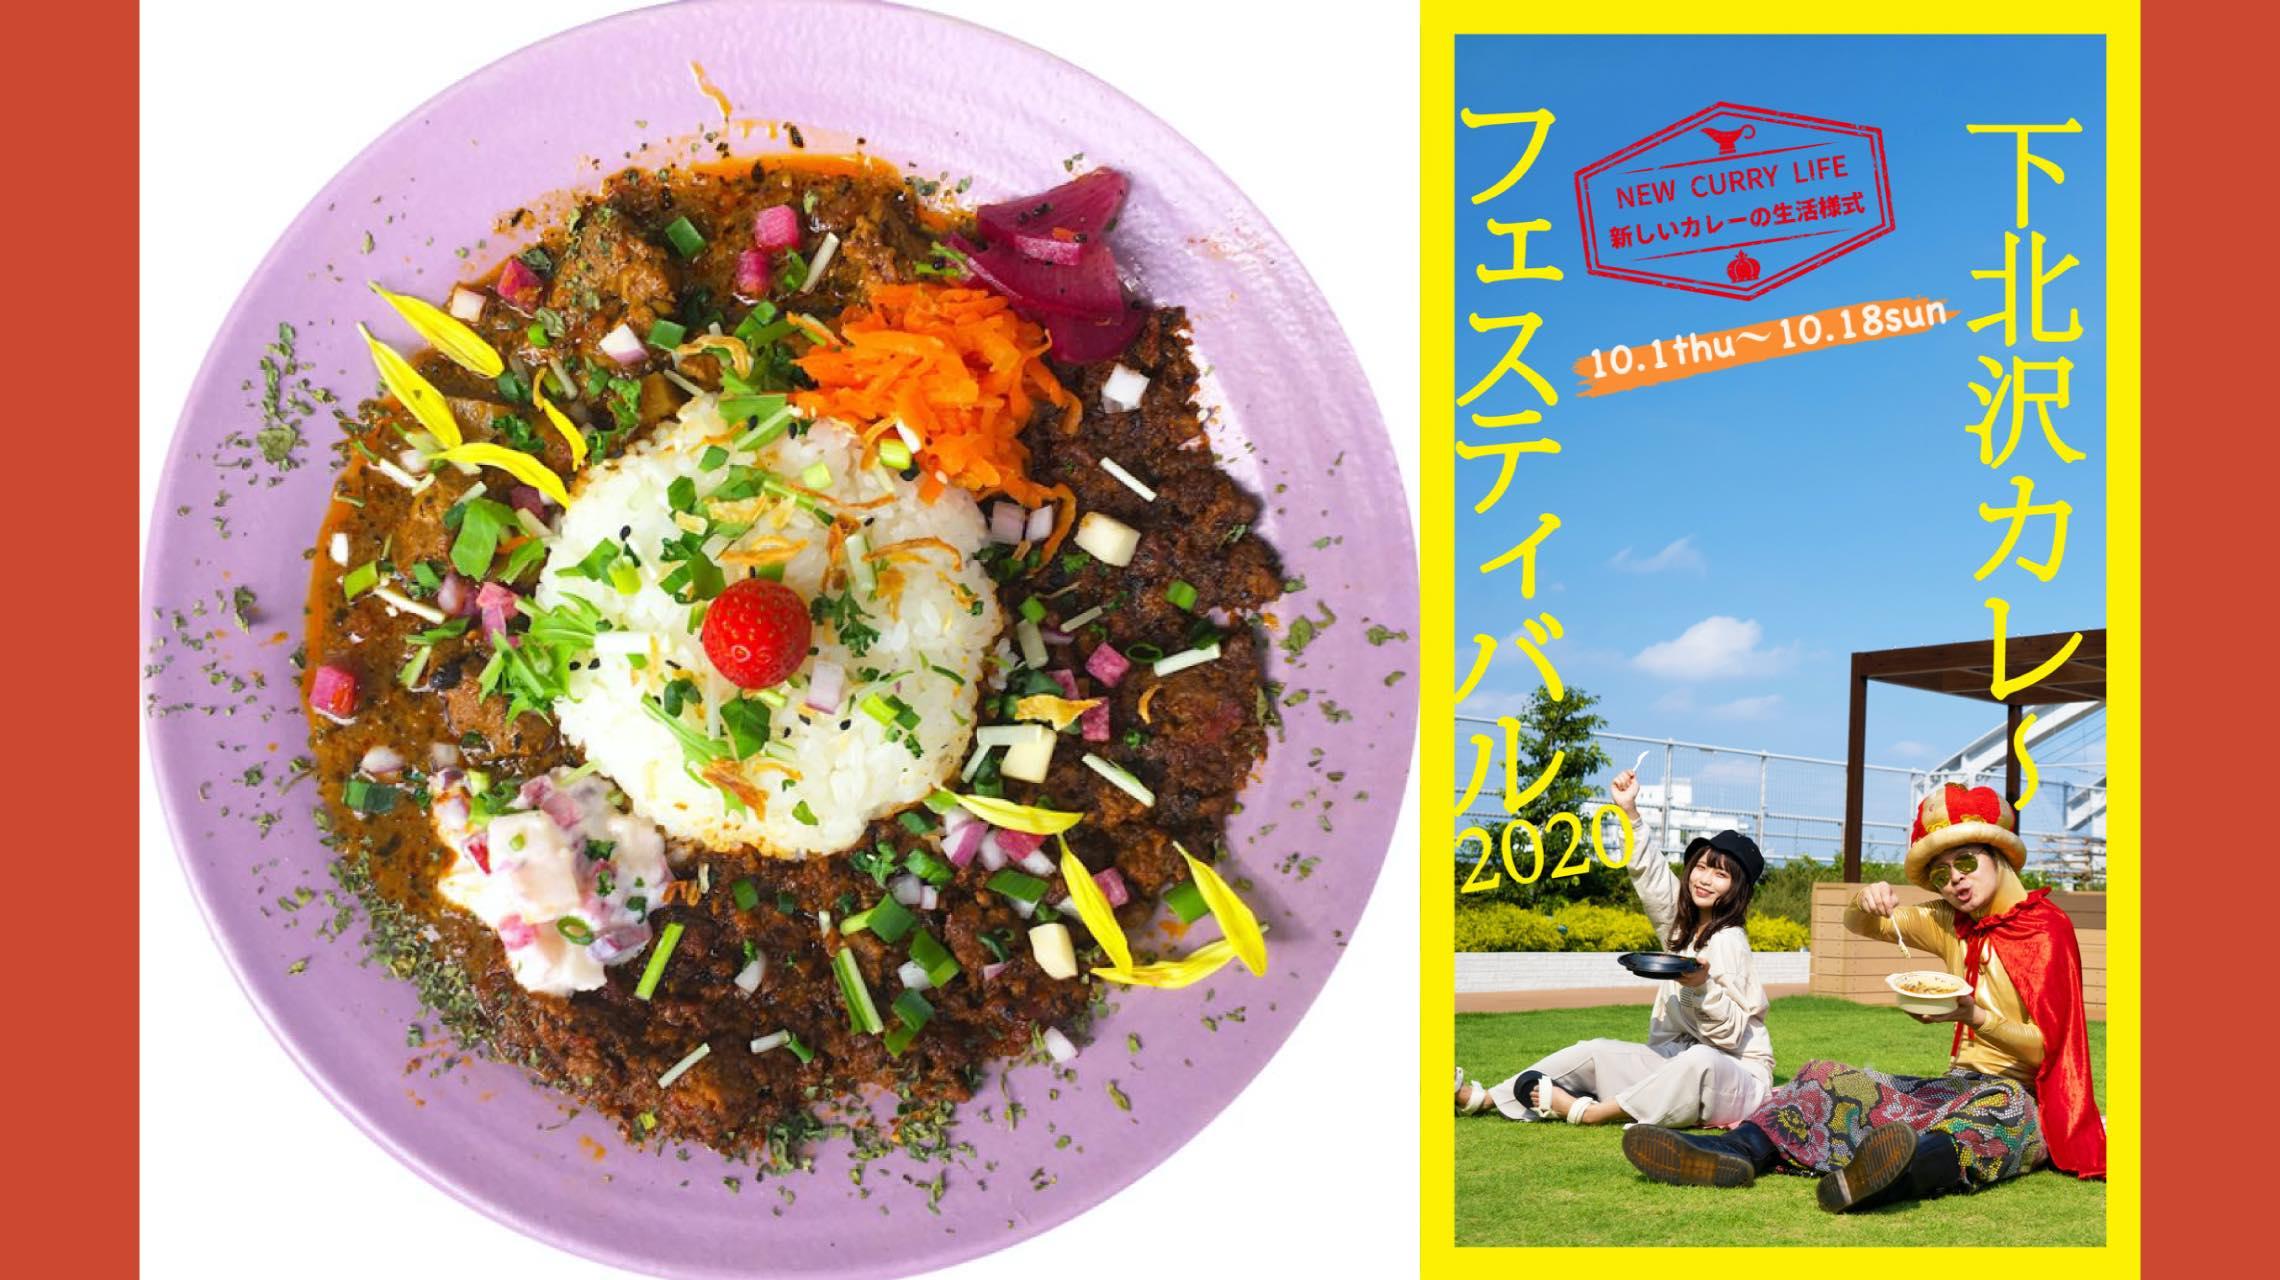 食欲の秋、カレーの秋! 下北沢カレーフェスティバルがいよいよ開催